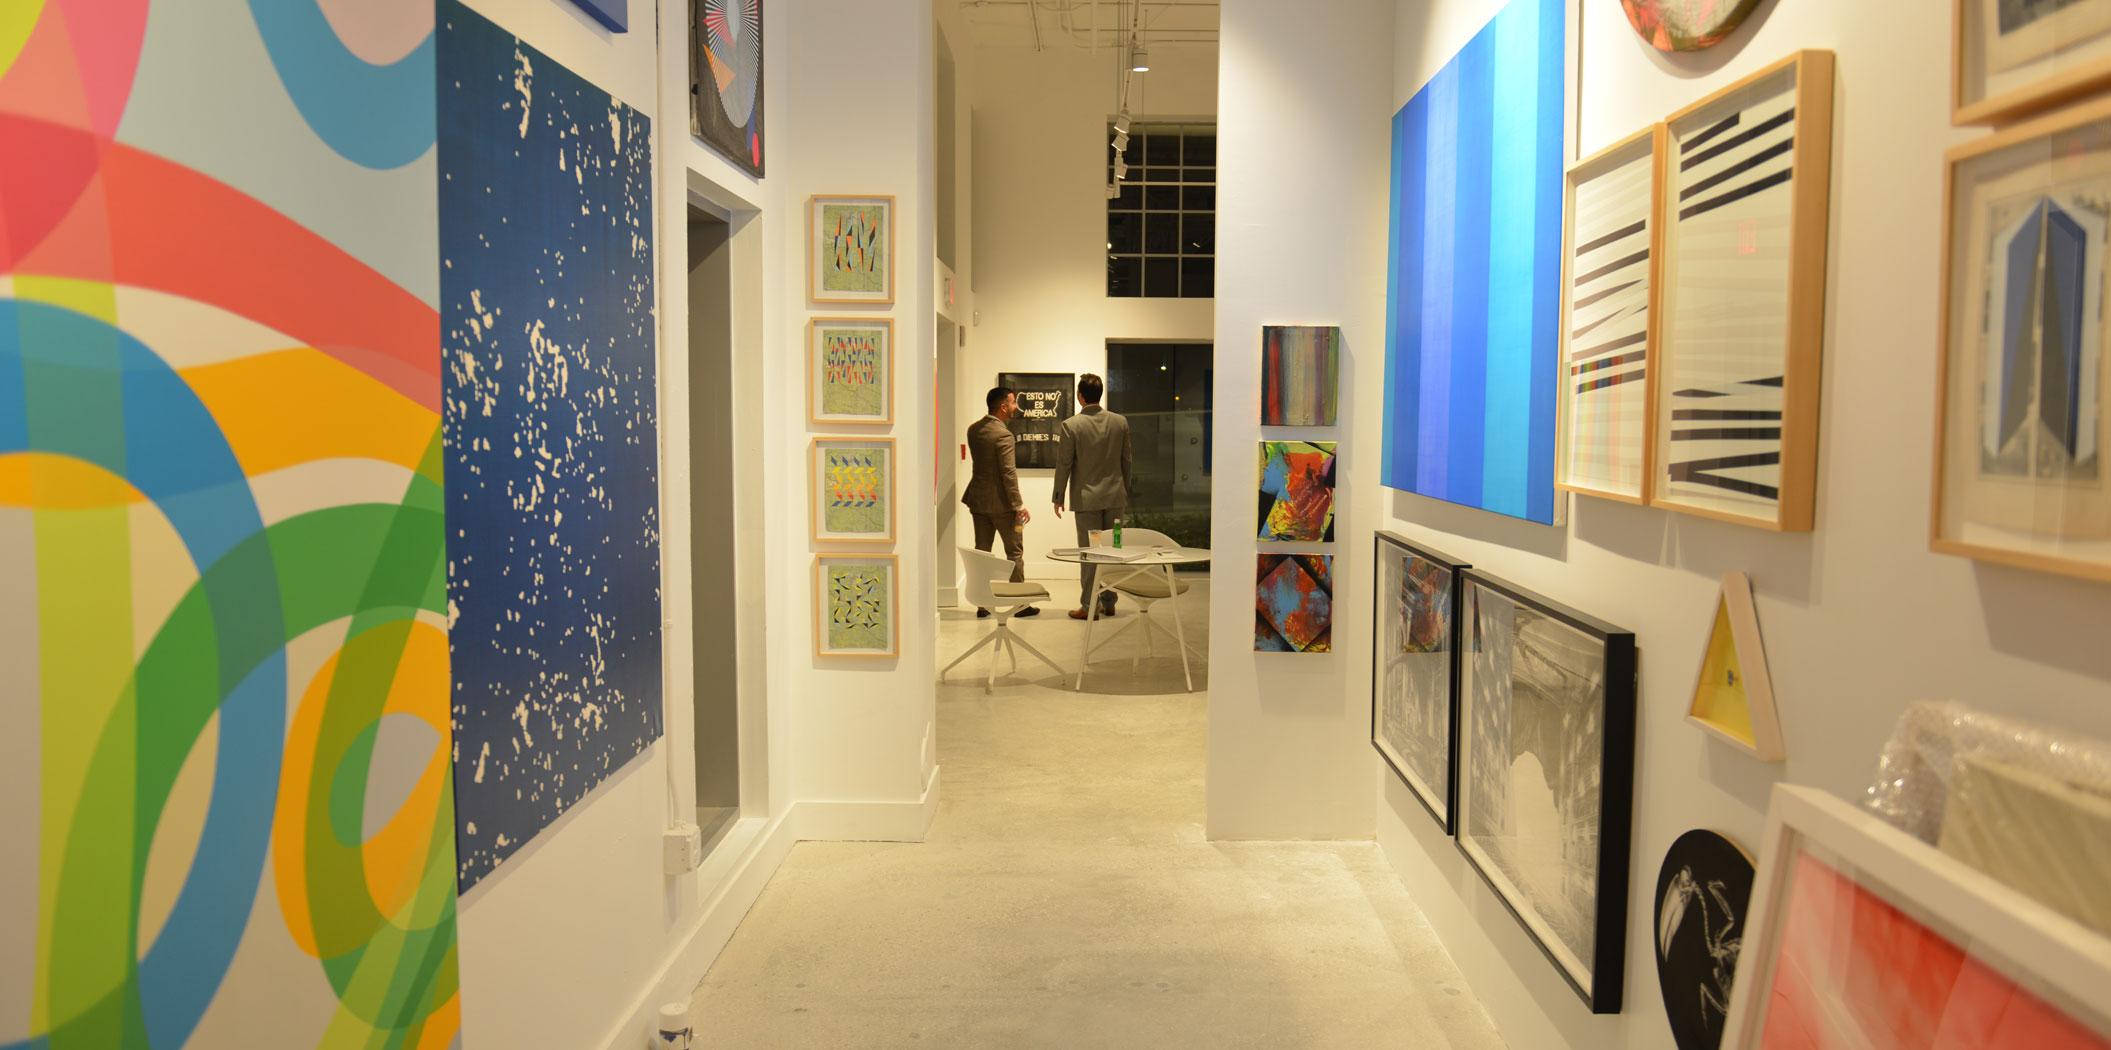 Gallery_4.jpg